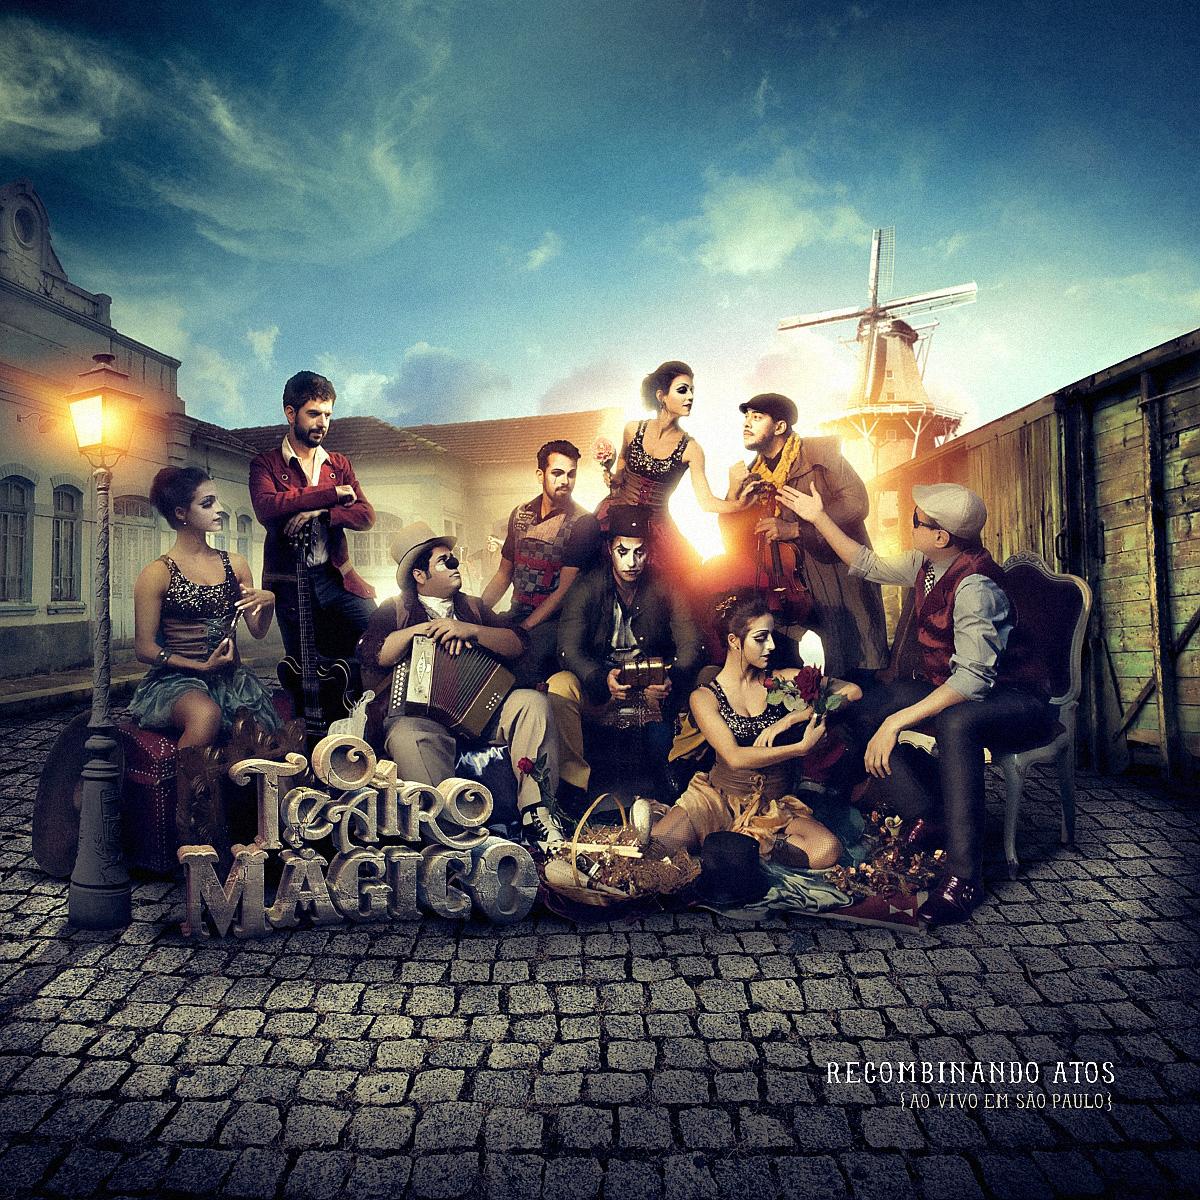 O teatro mágico | site oficial do teatro mágico, criado por.